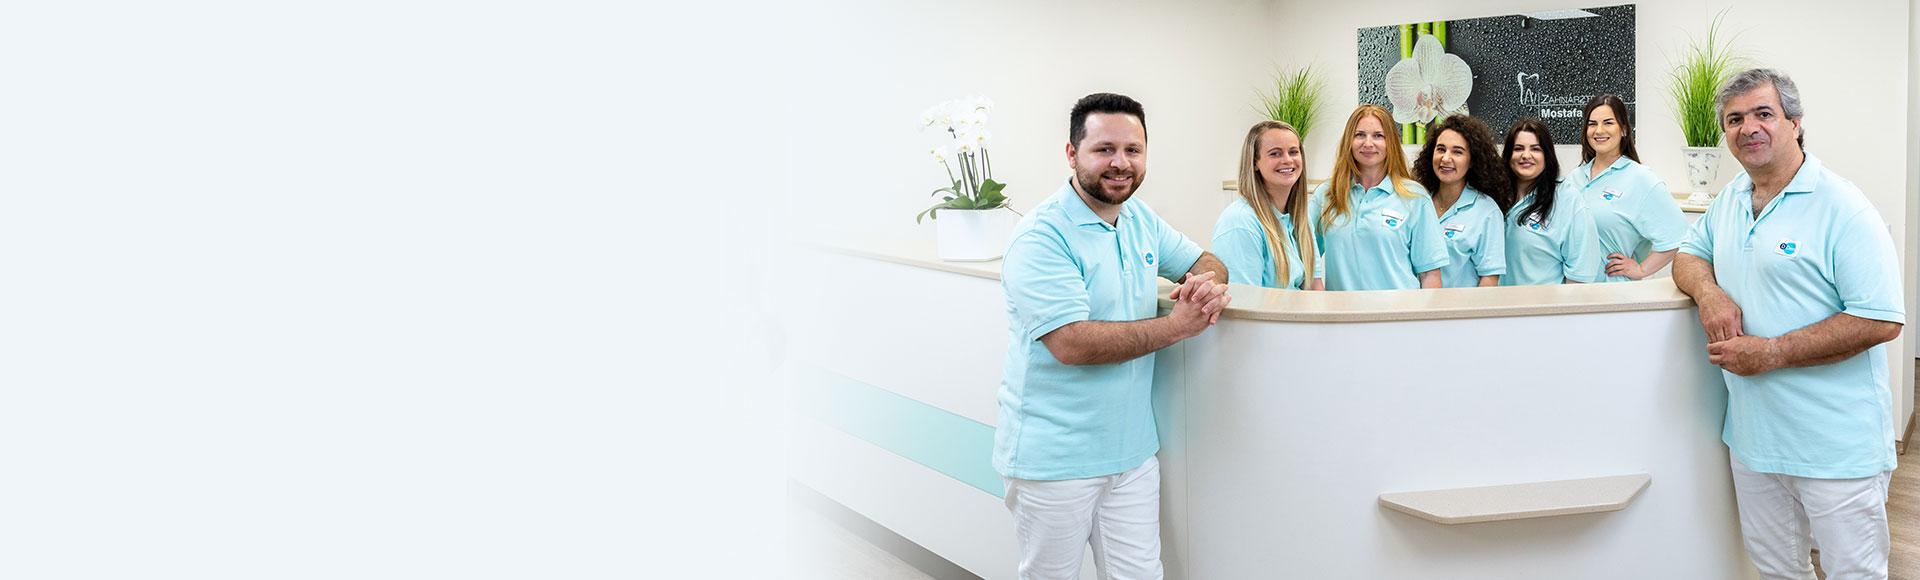 Zahnarzt Ganzheitliche Zahnmedizin Bremen